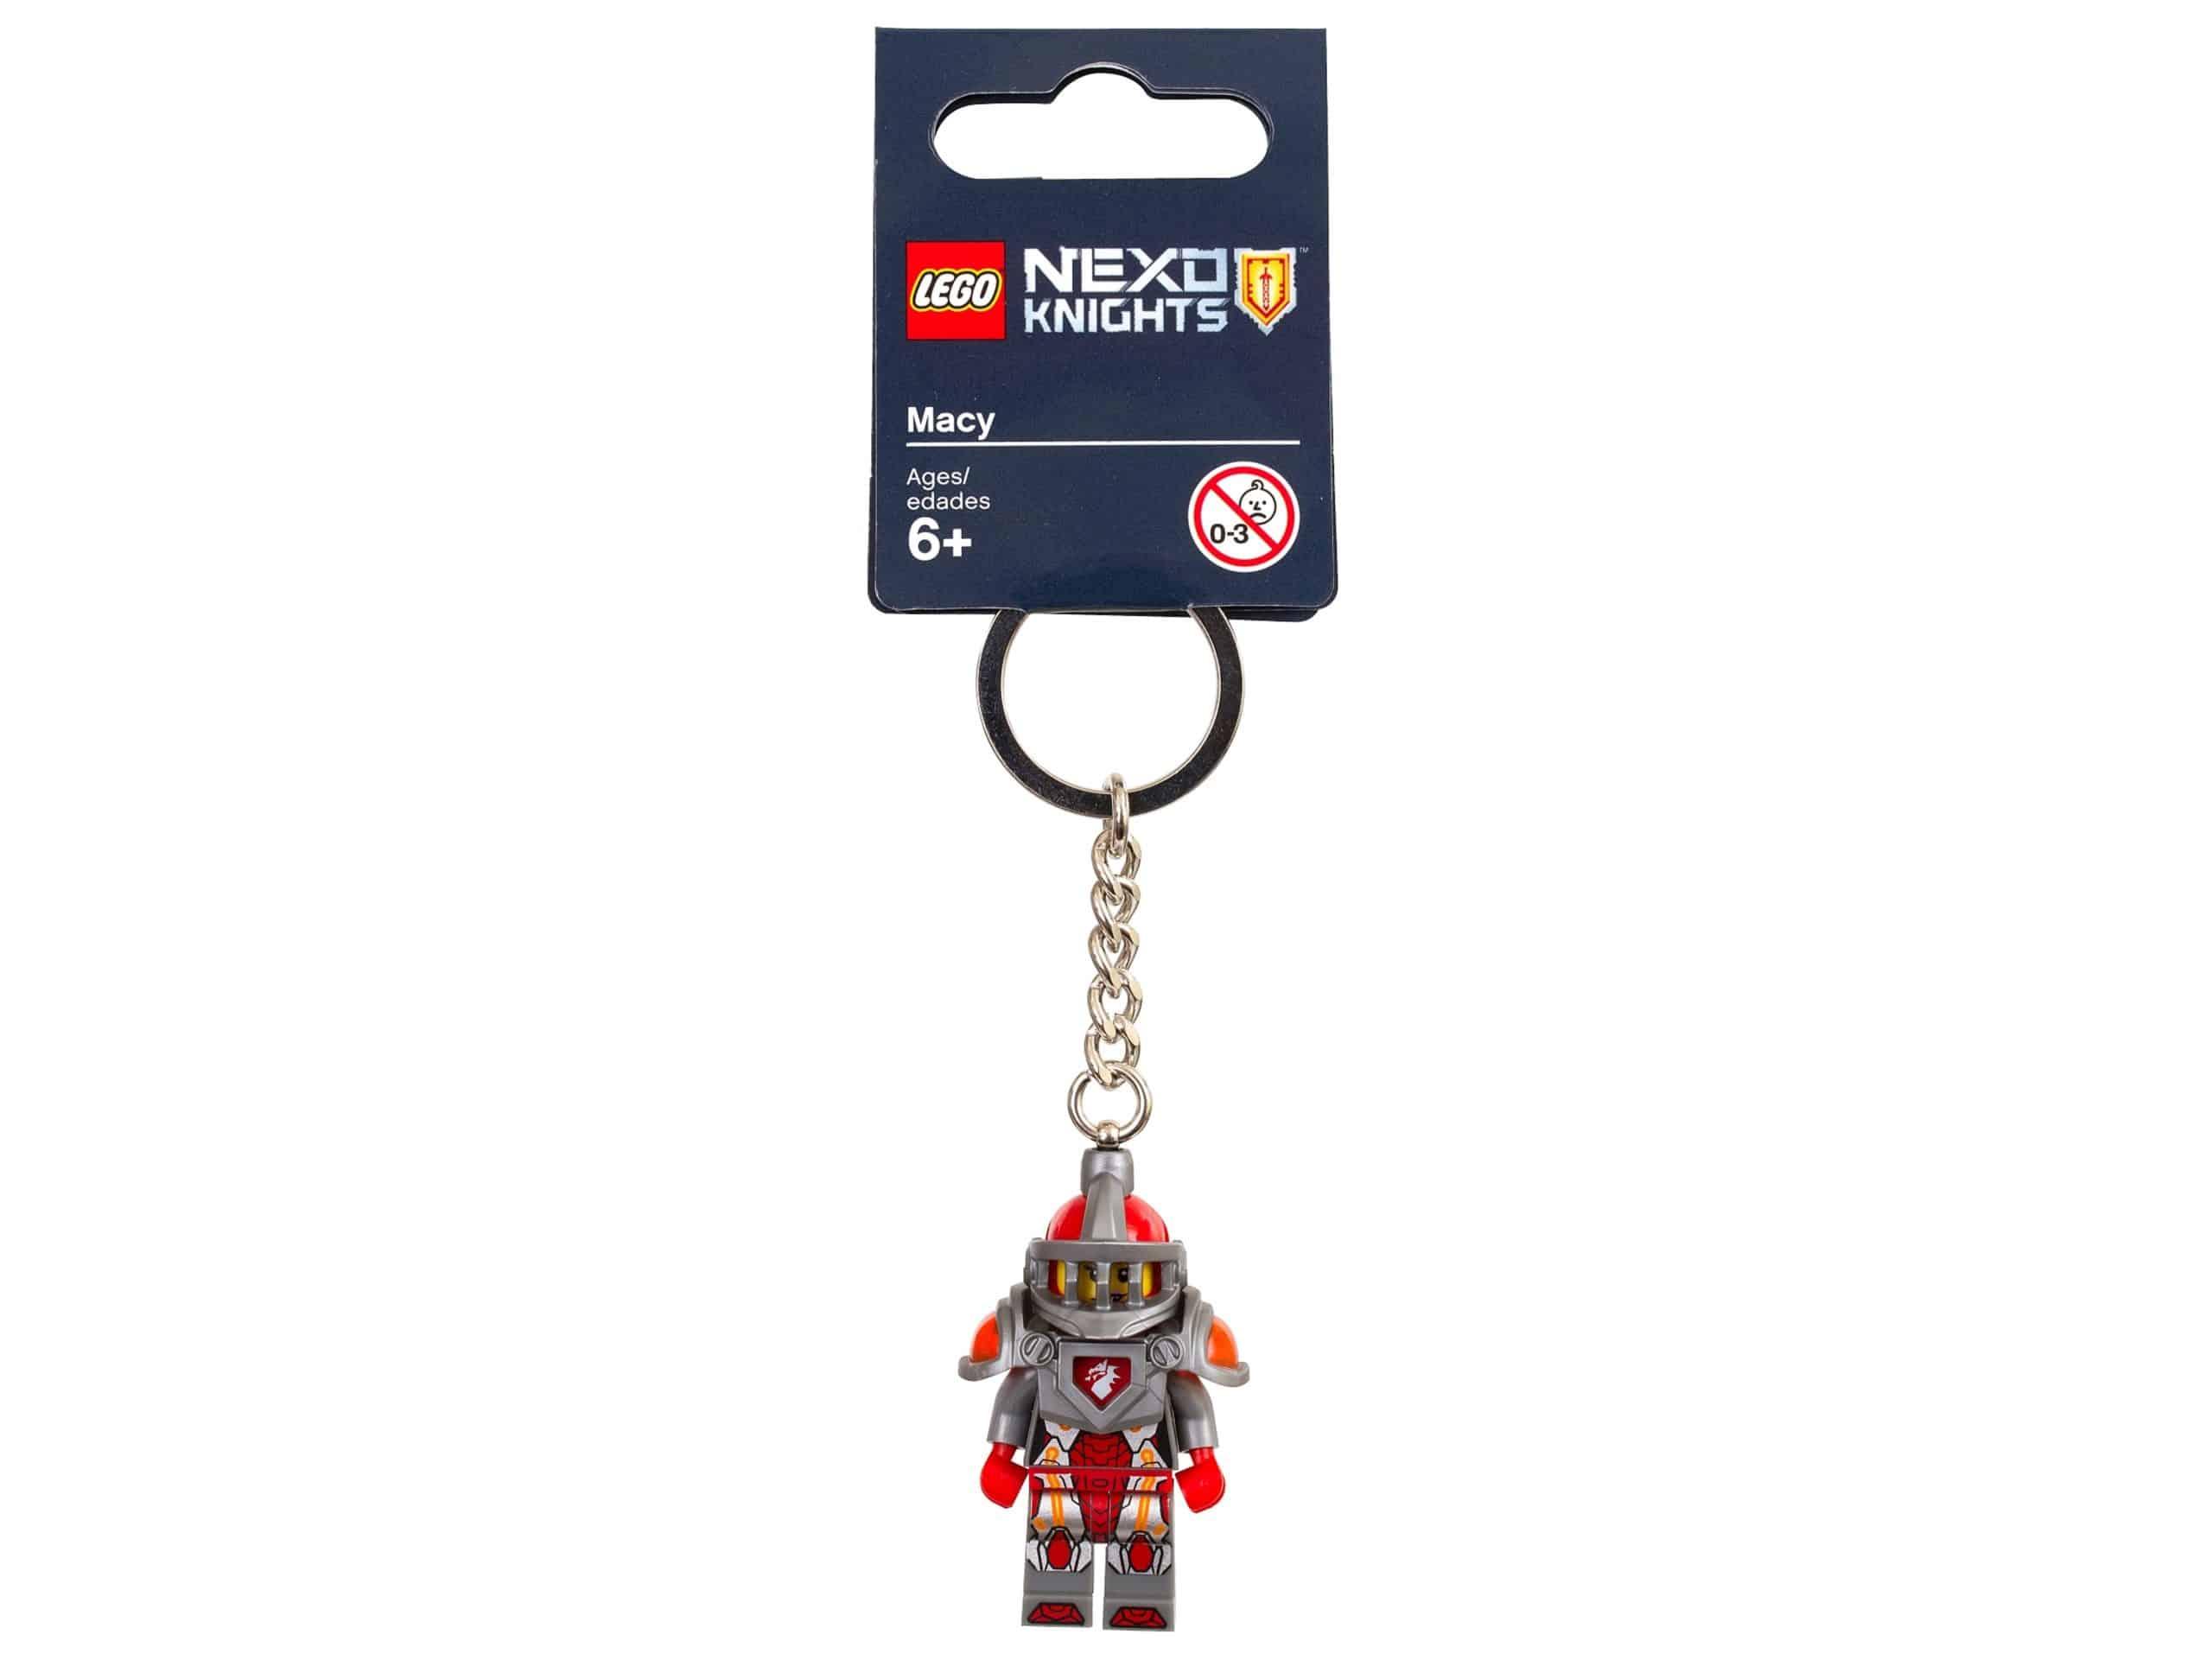 lego 853522 nexo knights macy noglering scaled